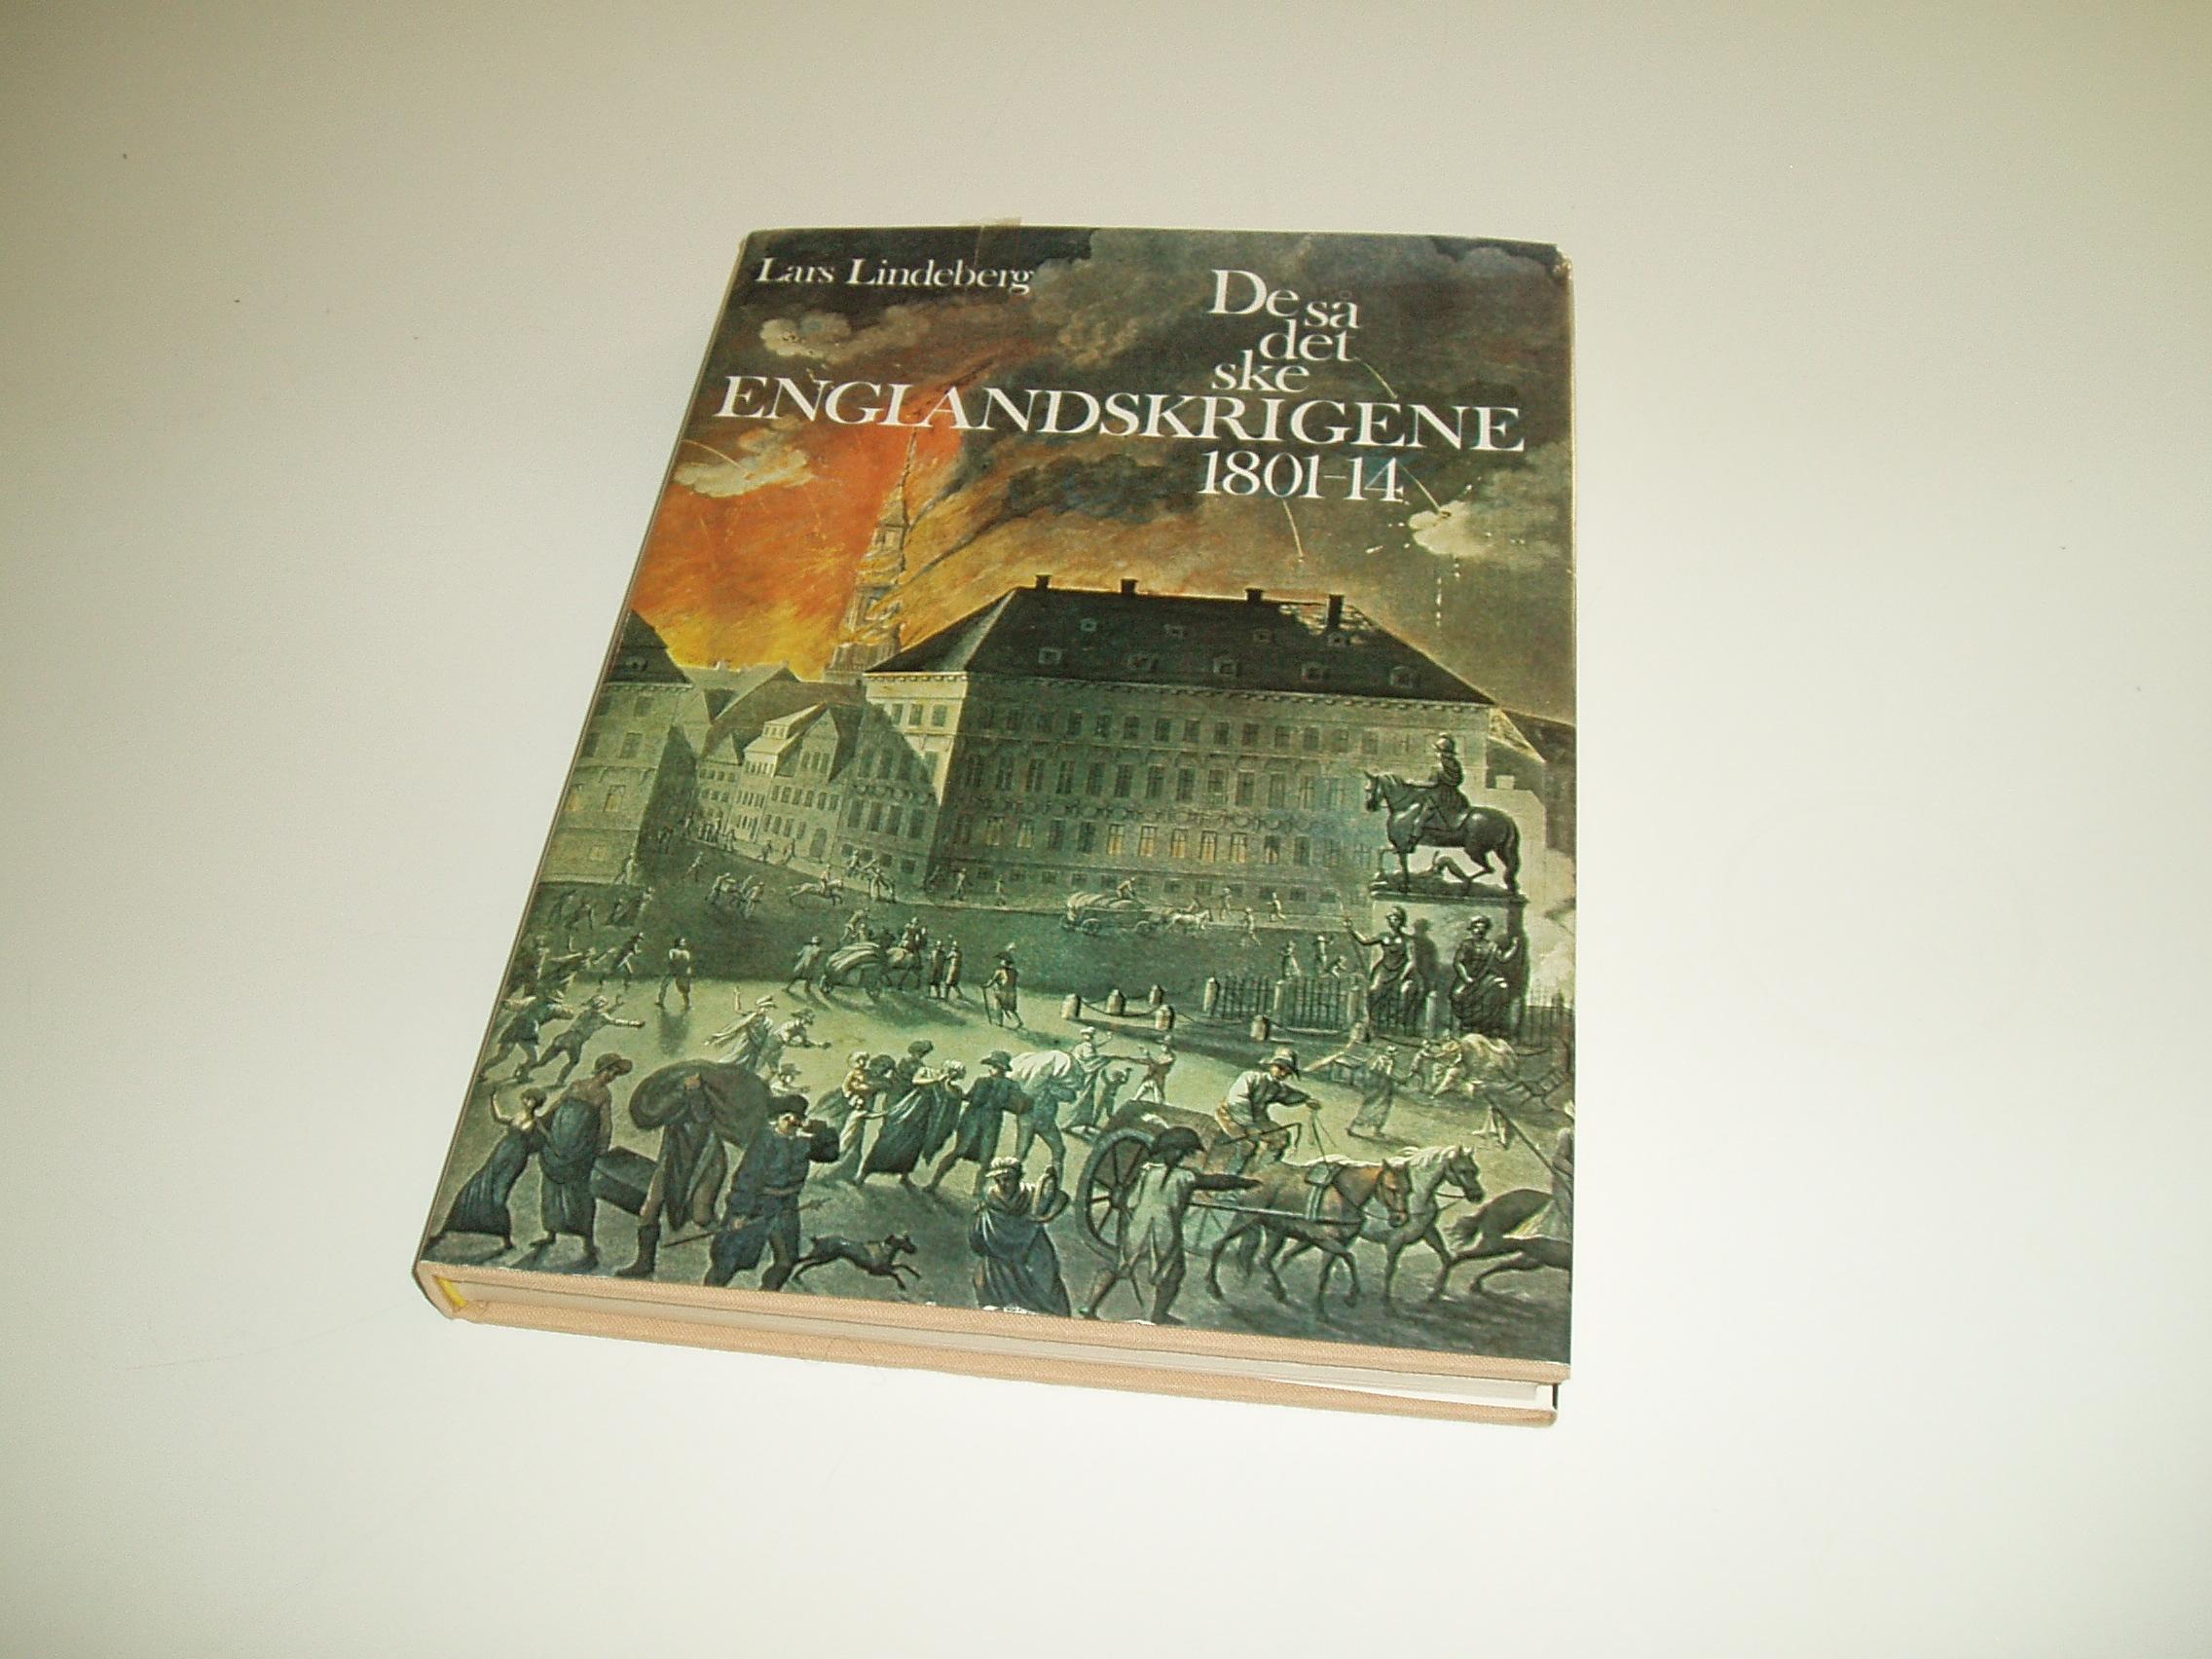 De så det ske. Englandskrigene 1801-14. Slaget på Reden-Guldalde